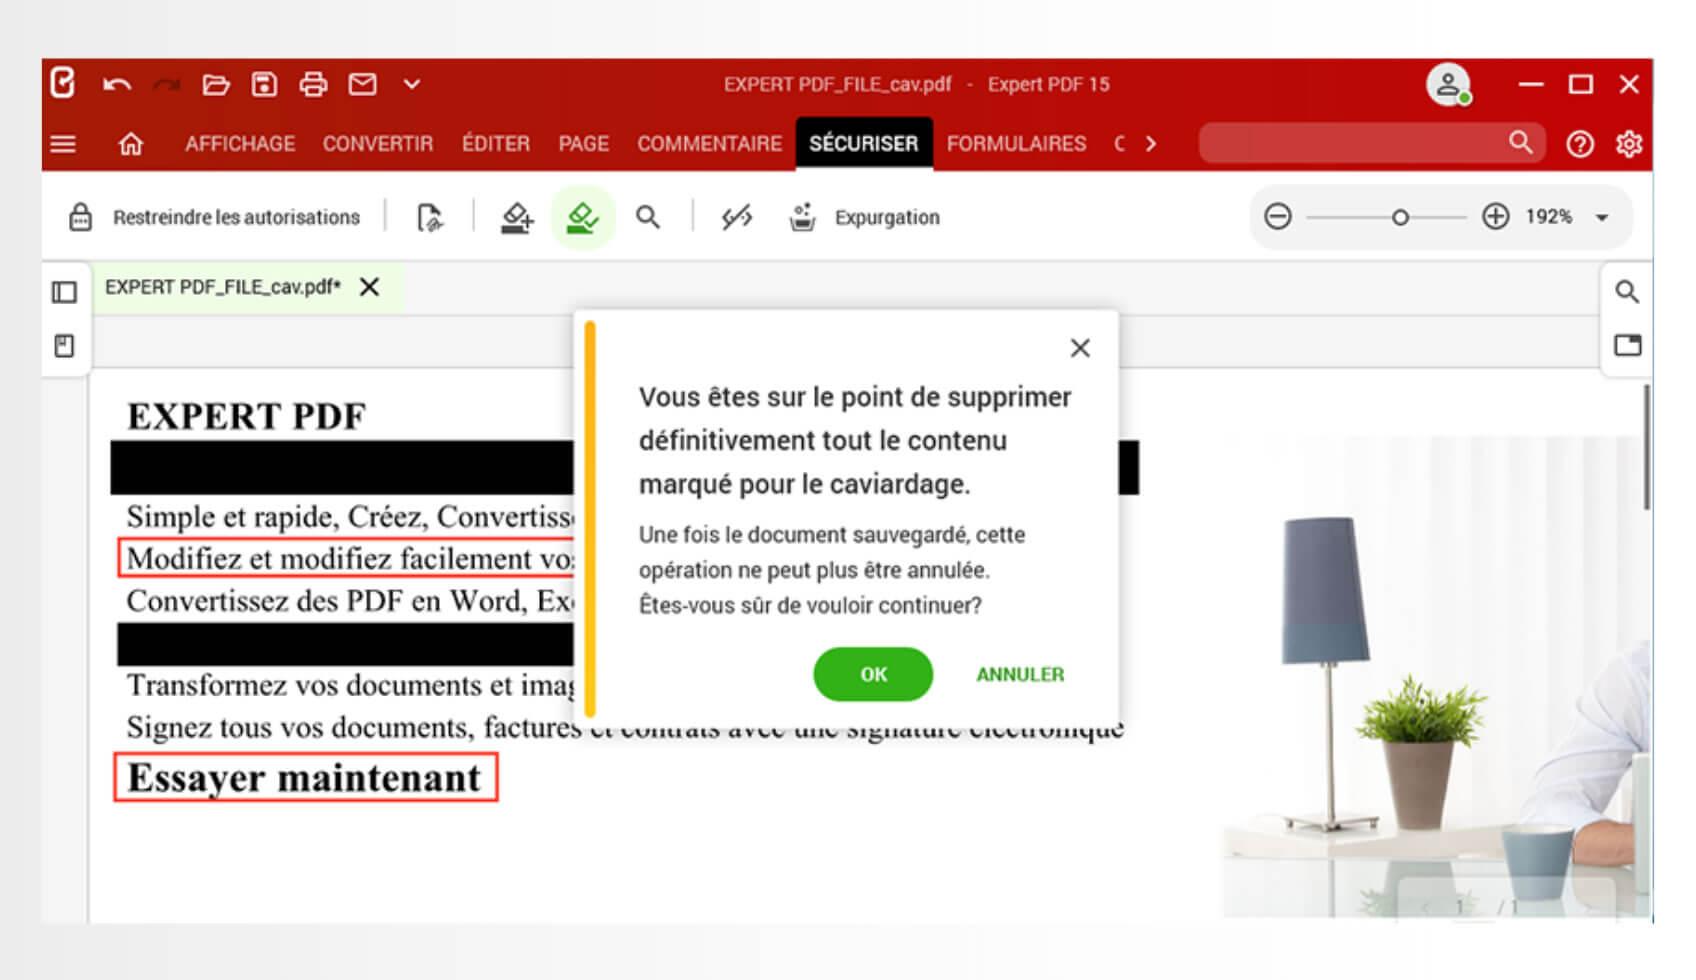 Supprimez définitivement des informations confidentielles sur vos documents PDF.Avec la fonction de caviardage disponible dans l'onglet Sécuriser, recherchez et masquez les données sensibles sur les pages d'un document.